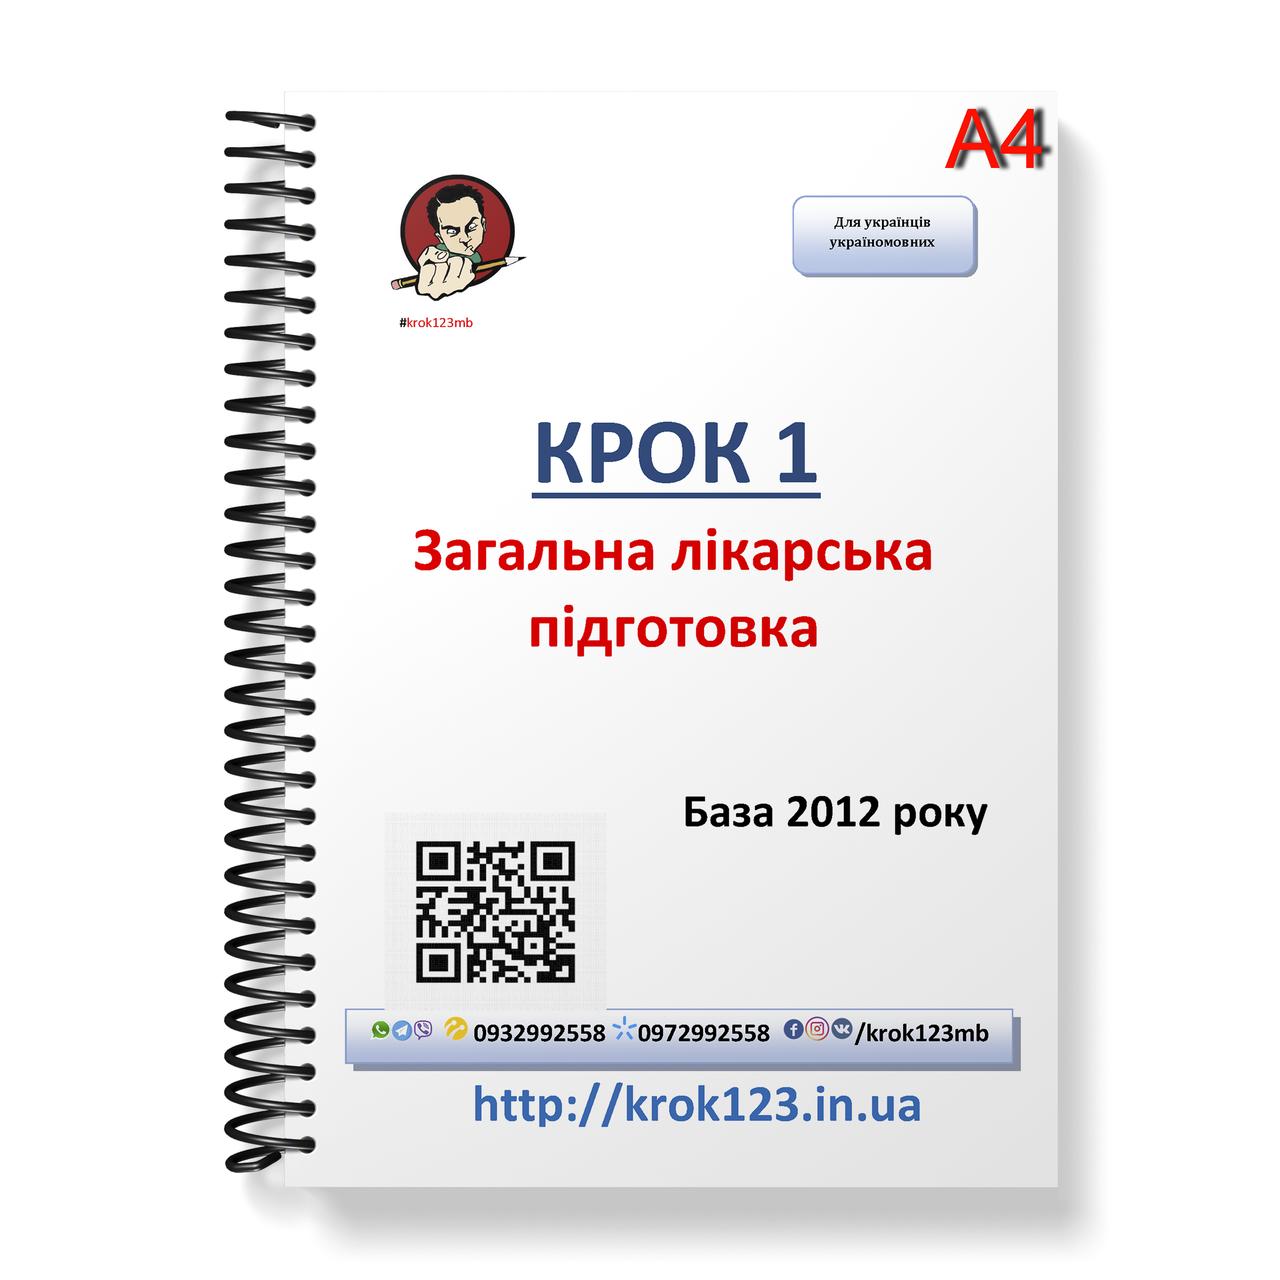 Крок 1. Общая врачебная подготовка. База 2012. Для украинцев украиноязычных. Формат А4